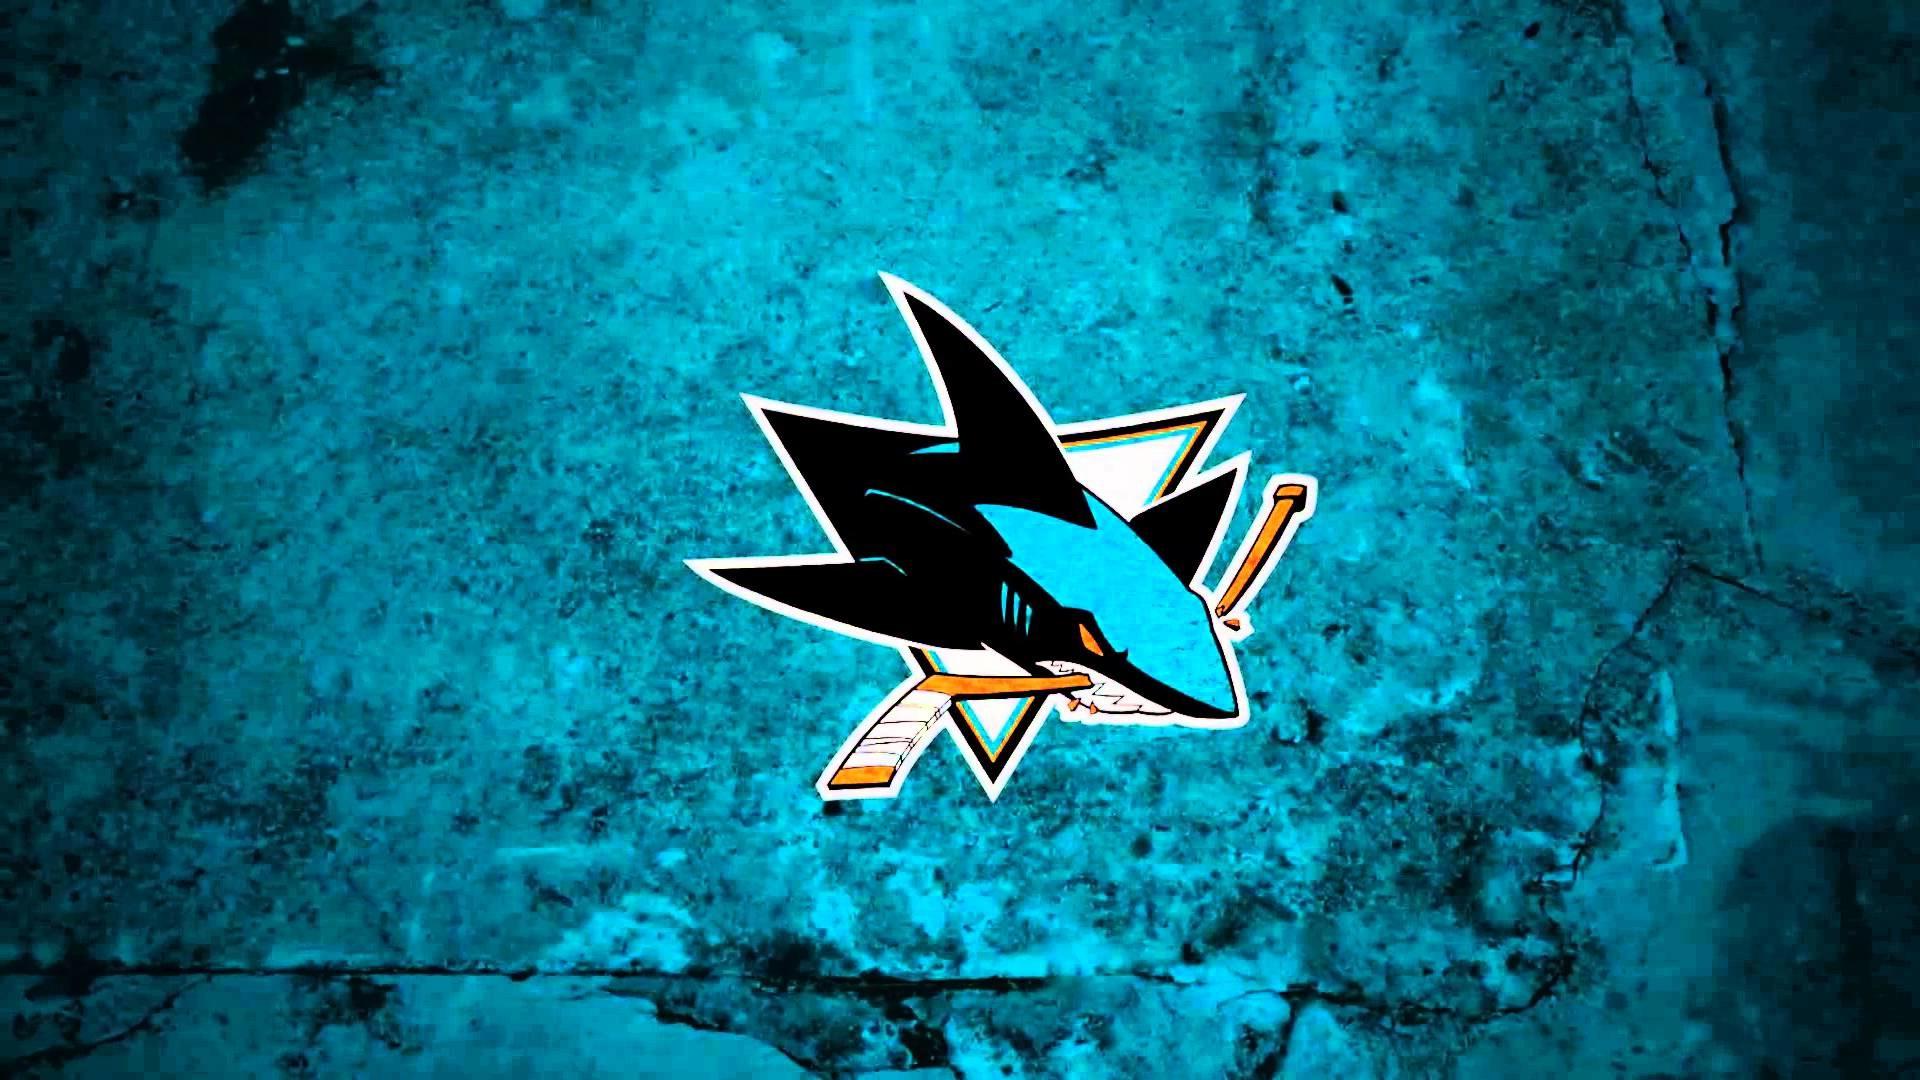 San Jose Sharks Wallpaper 15   1920 X 1080 stmednet 1920x1080